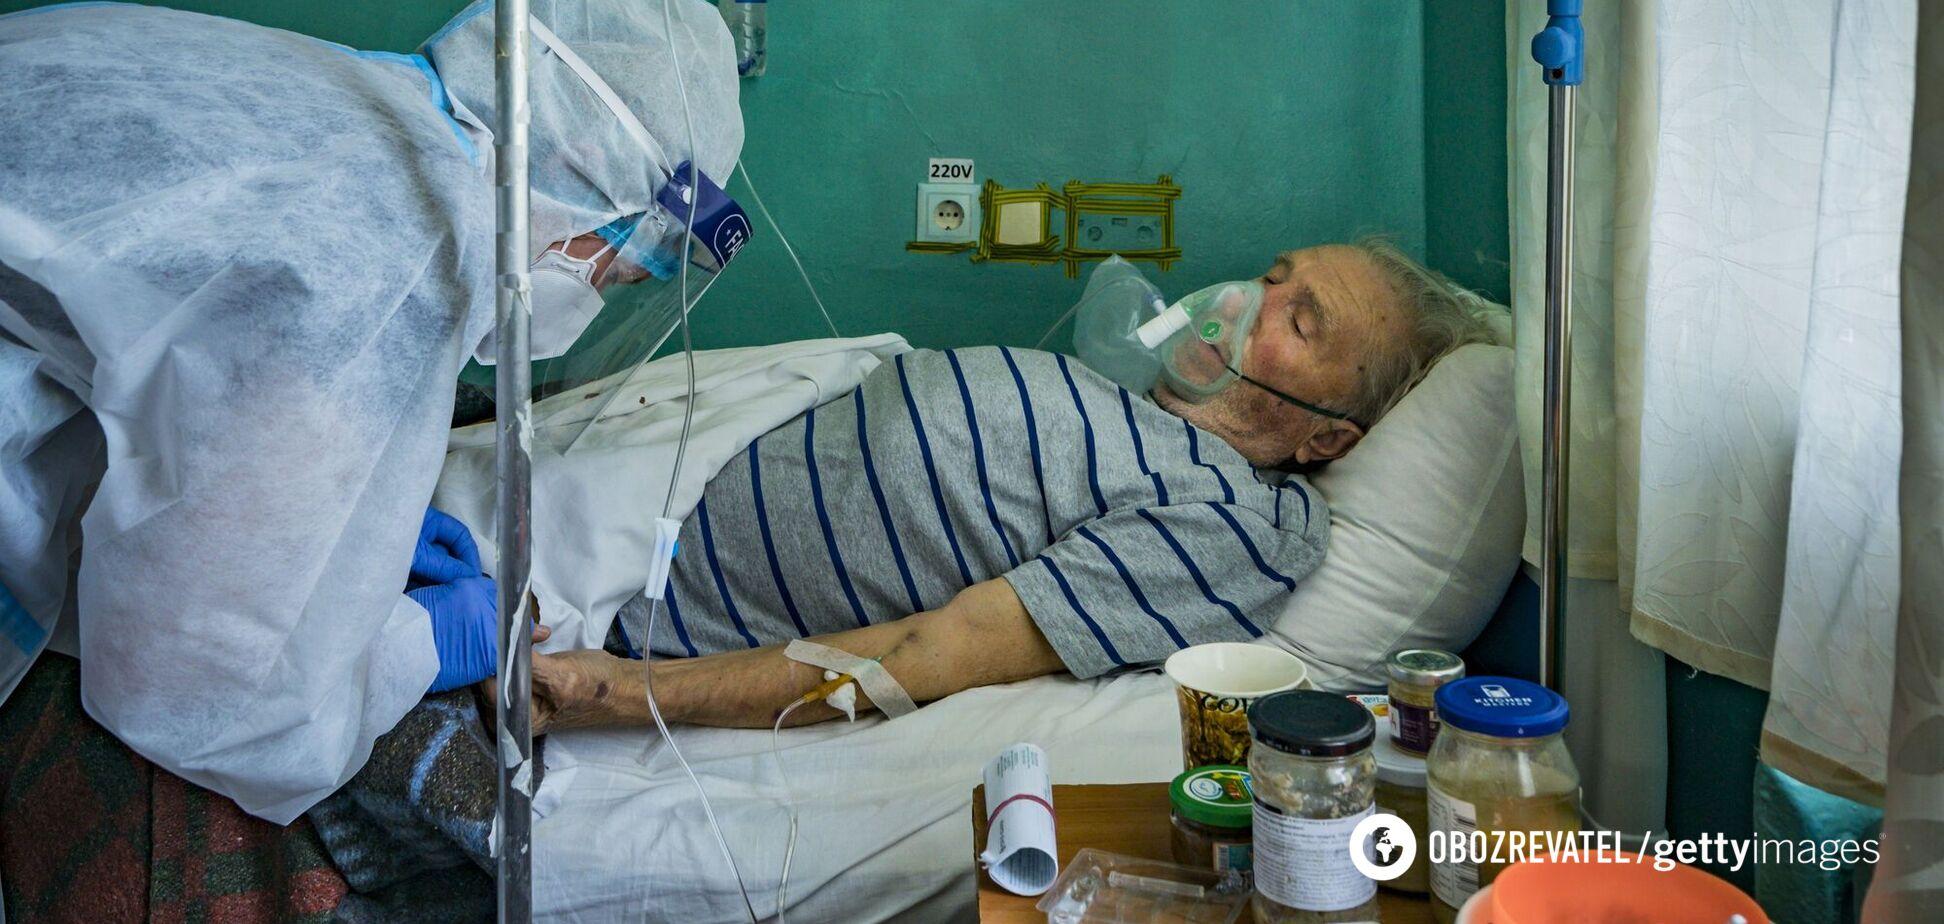 Смертность возросла на 25%, но не все смерти от COVID-19, – социолог Головаха